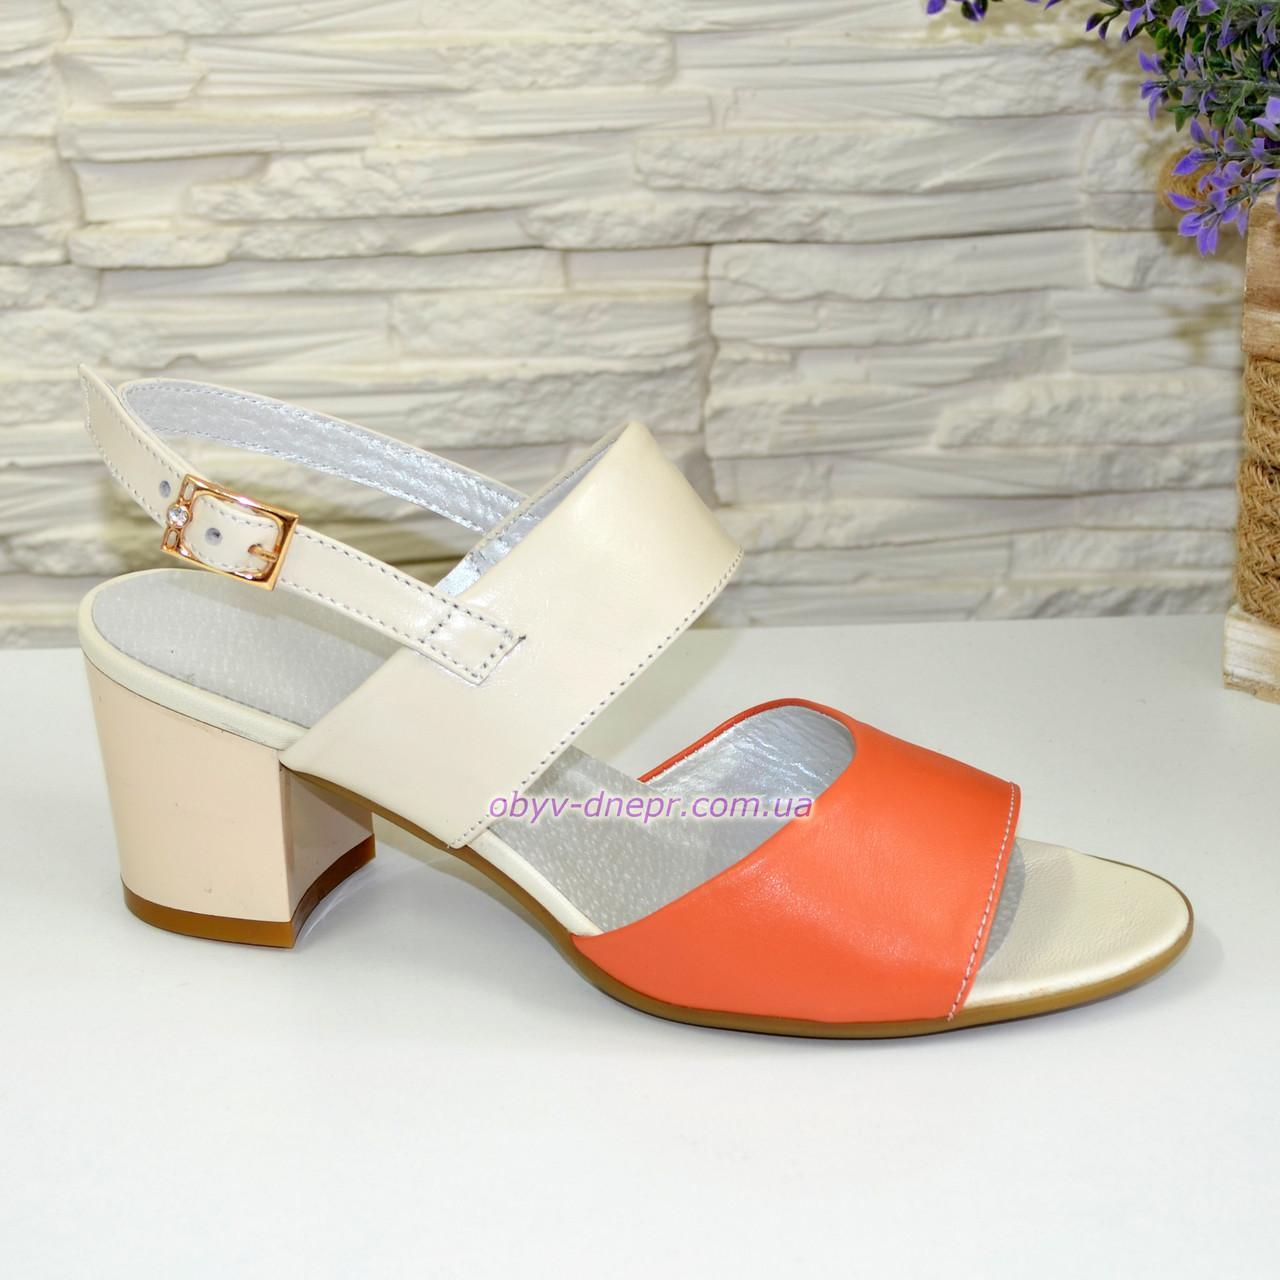 Женские босоножки на невысоком каблуке, цвет коралл/беж